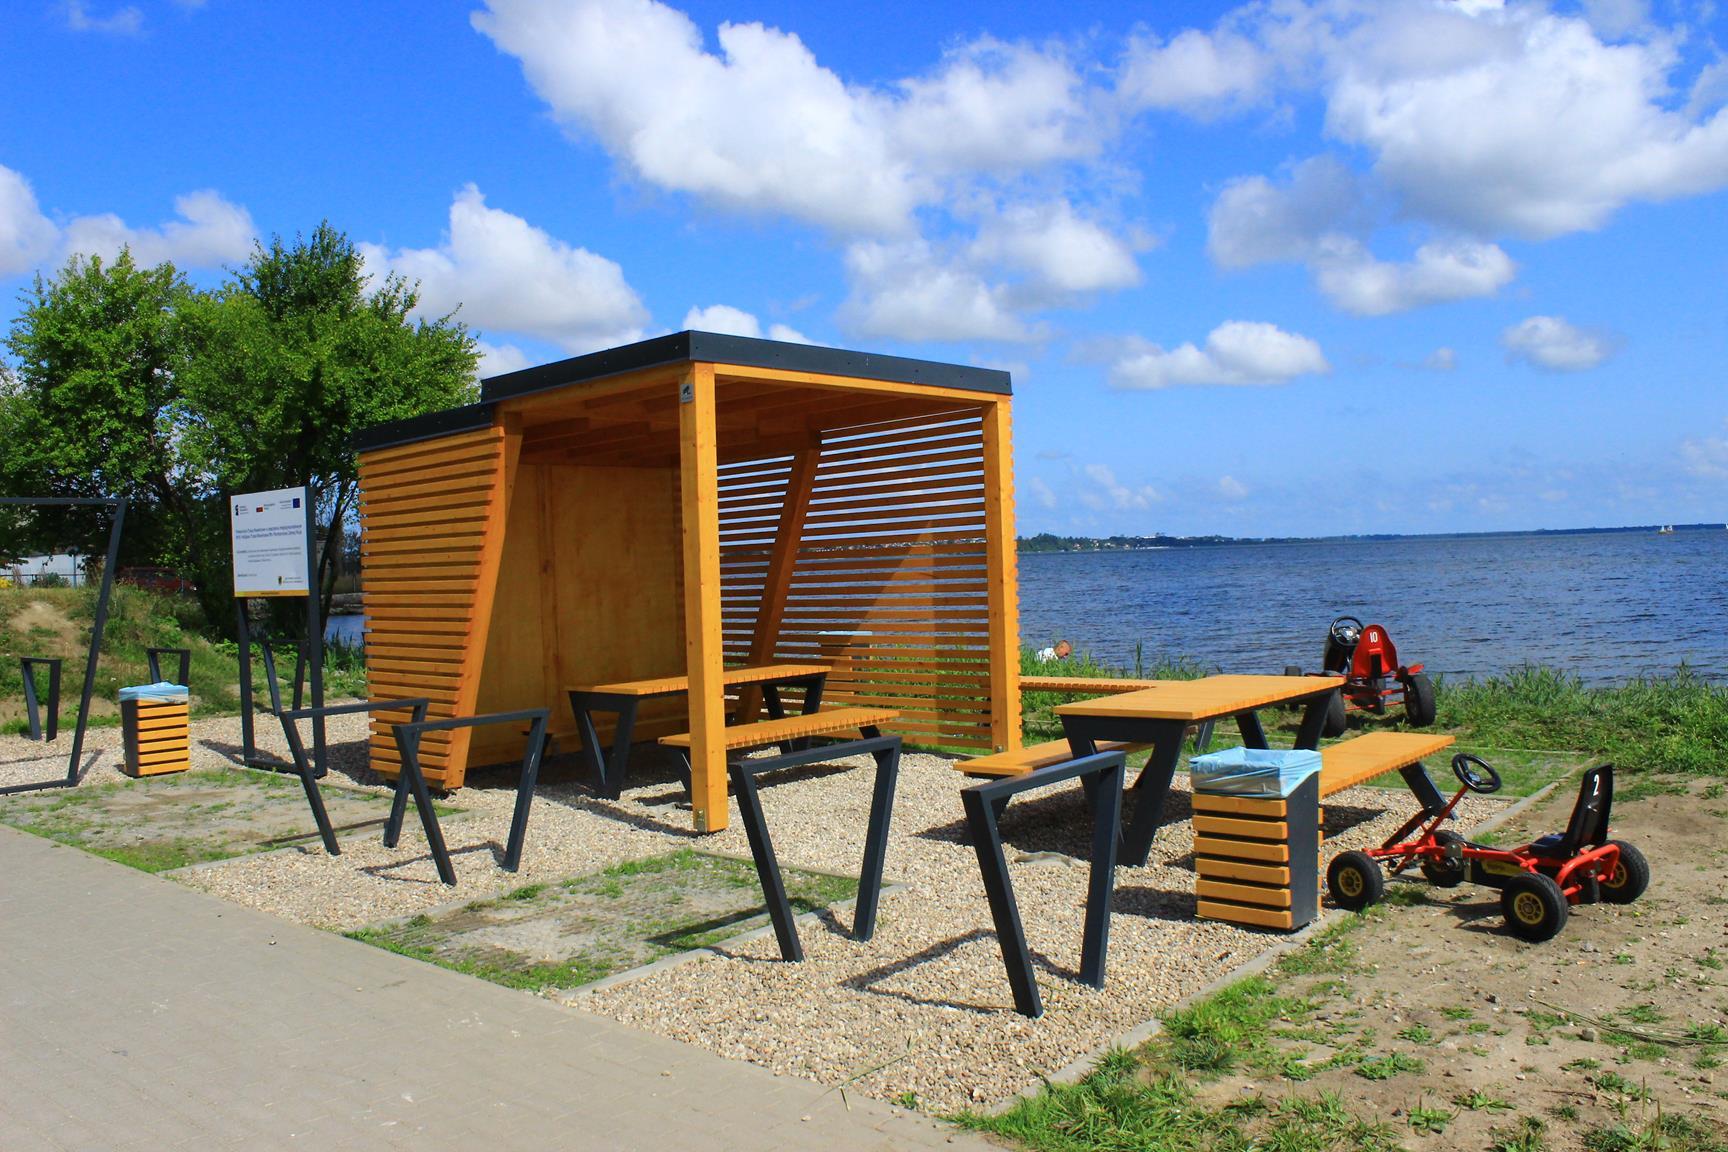 Nowe miejsca postojowego dla rowerzystów w Pucku